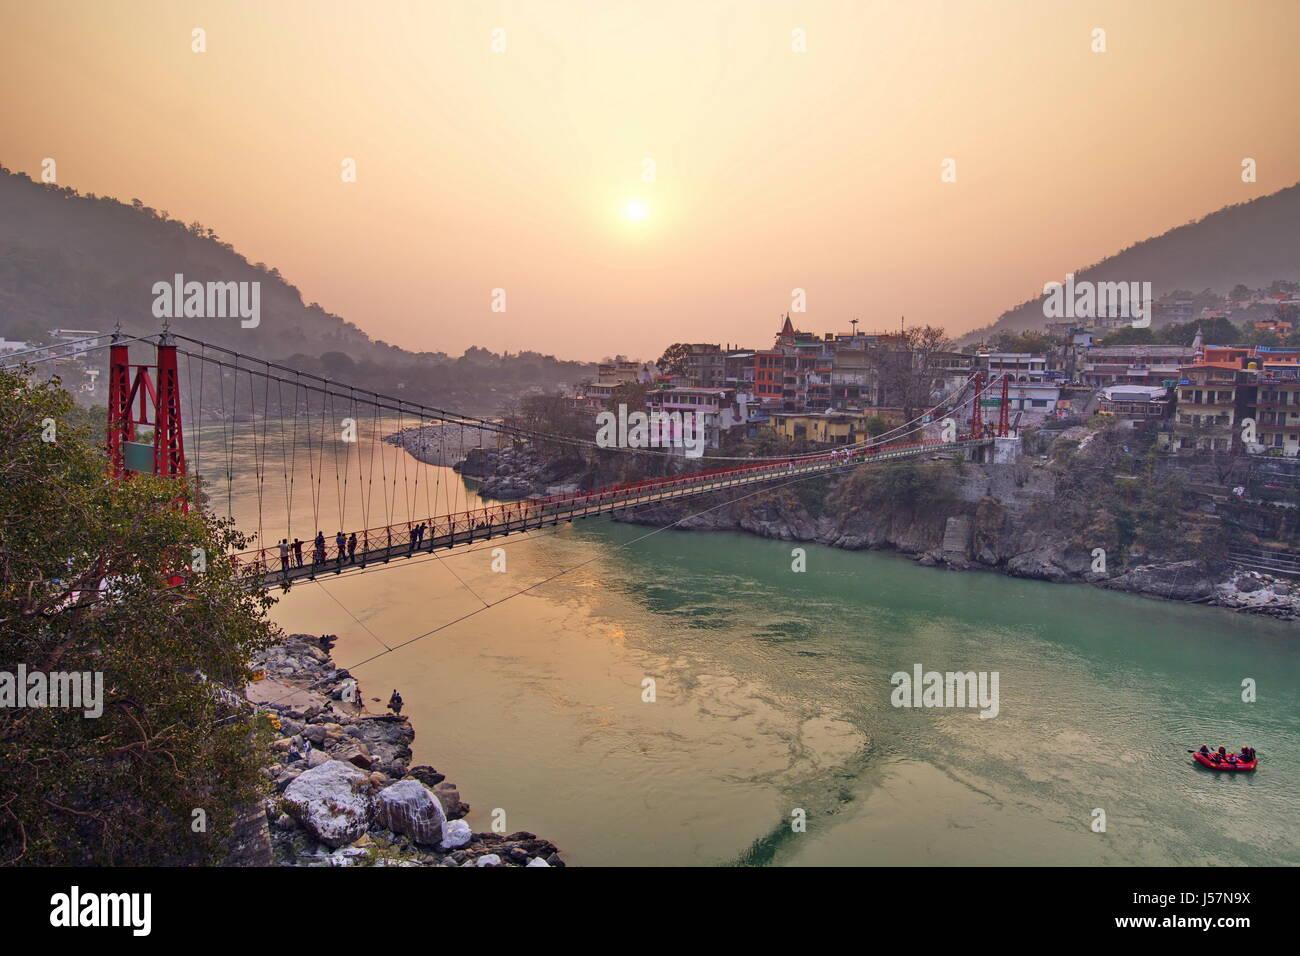 Rishikesh Inde par le Gange Vue de dessus le pont ooer Banque D'Images